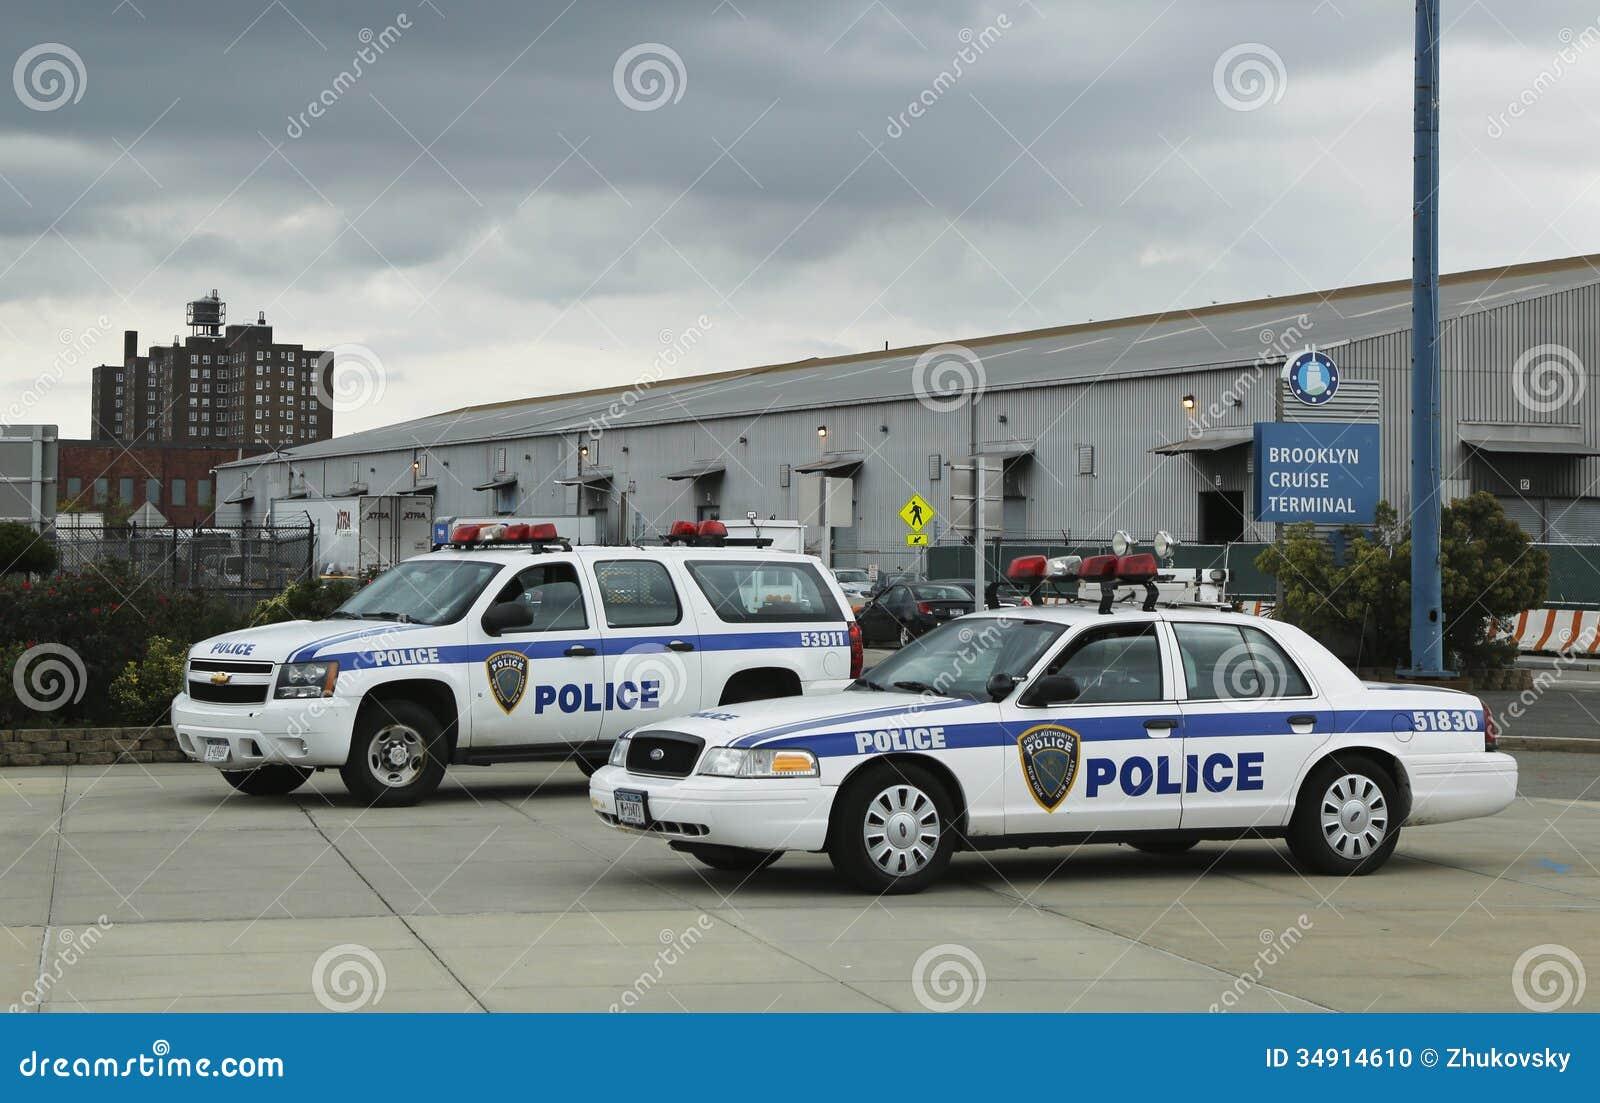 La policía New York-new Jersey de Port Authority que proporcionaban la seguridad para el barco de cruceros de Emerald Princess atr